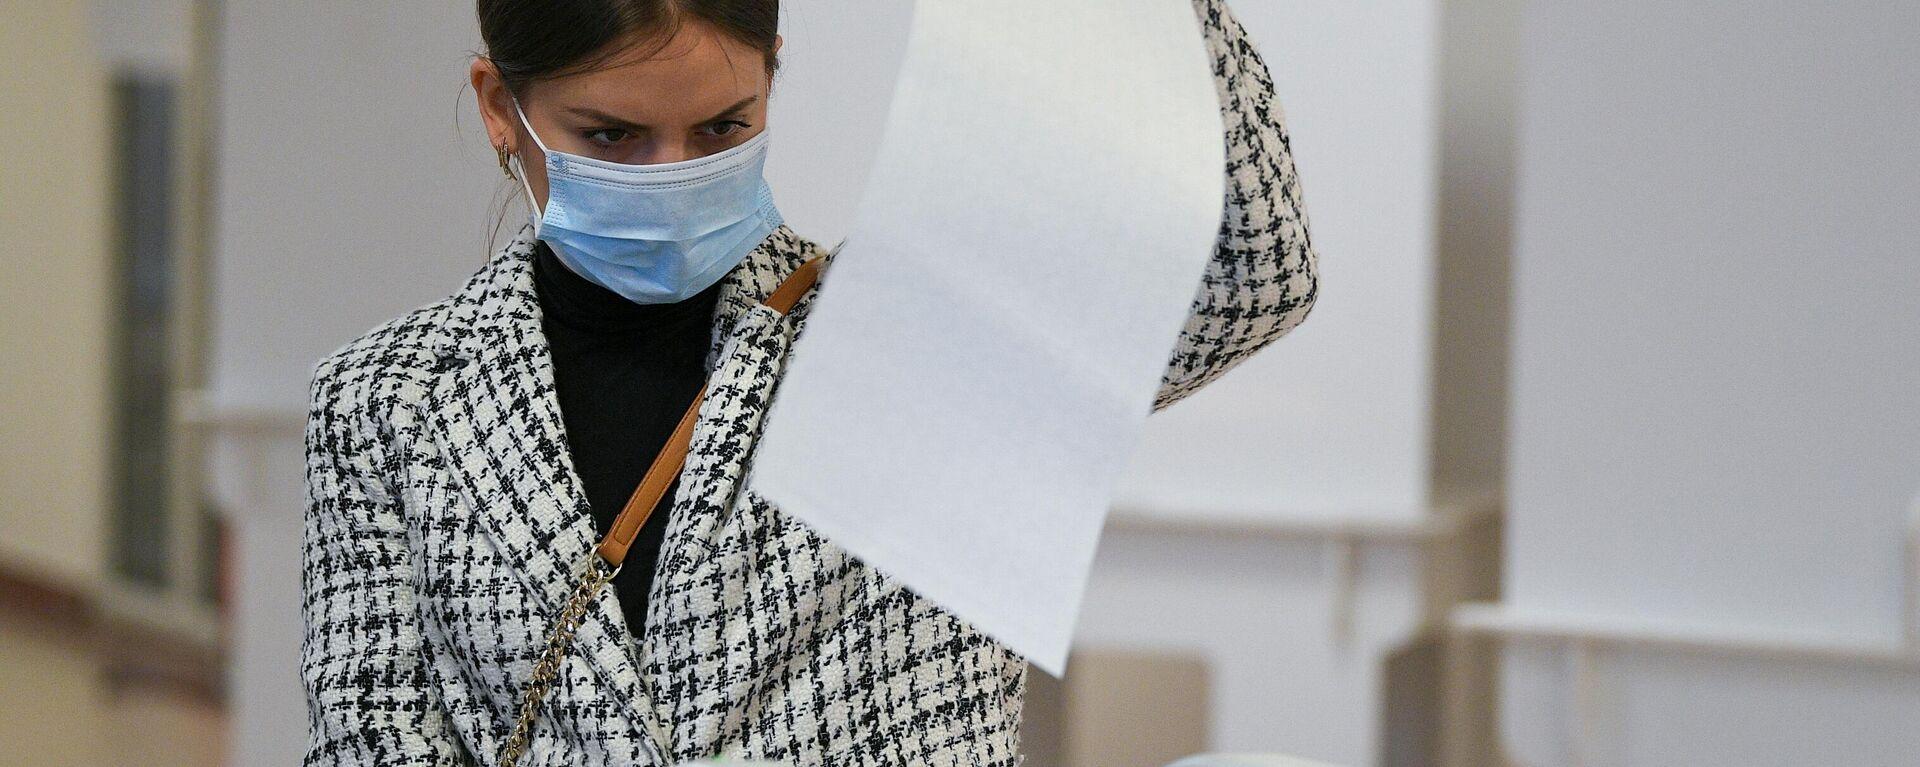 Девушка голосует на избирательном участке - Sputnik Грузия, 1920, 19.09.2021